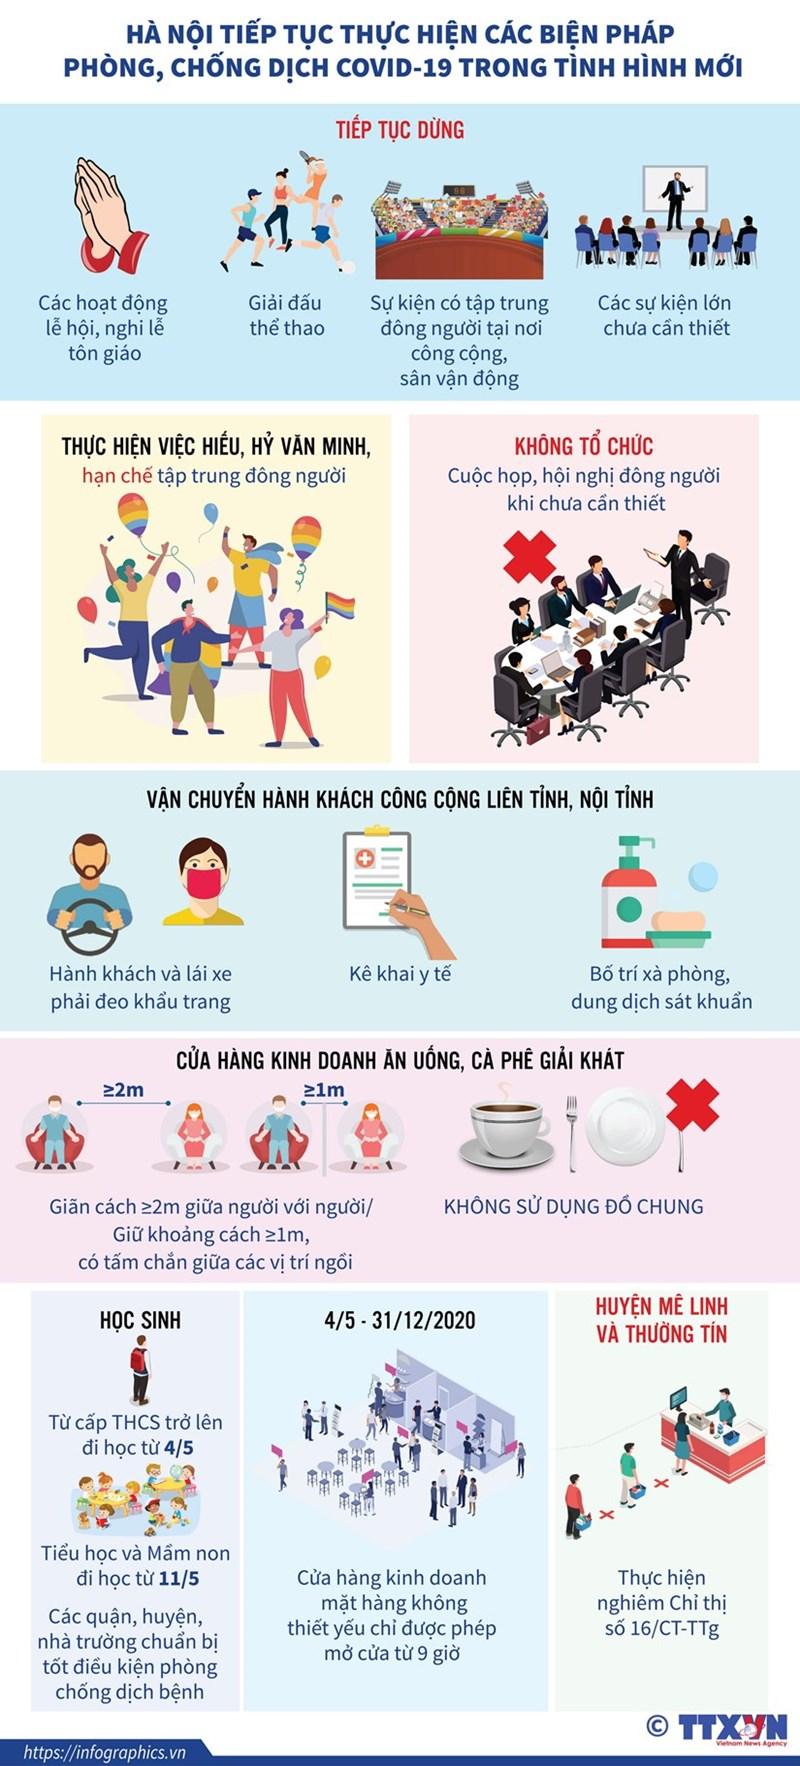 [Infographics] Hà Nội tiếp tục thực hiện biện pháp phòng dịch trong tình hình mới - Ảnh 1